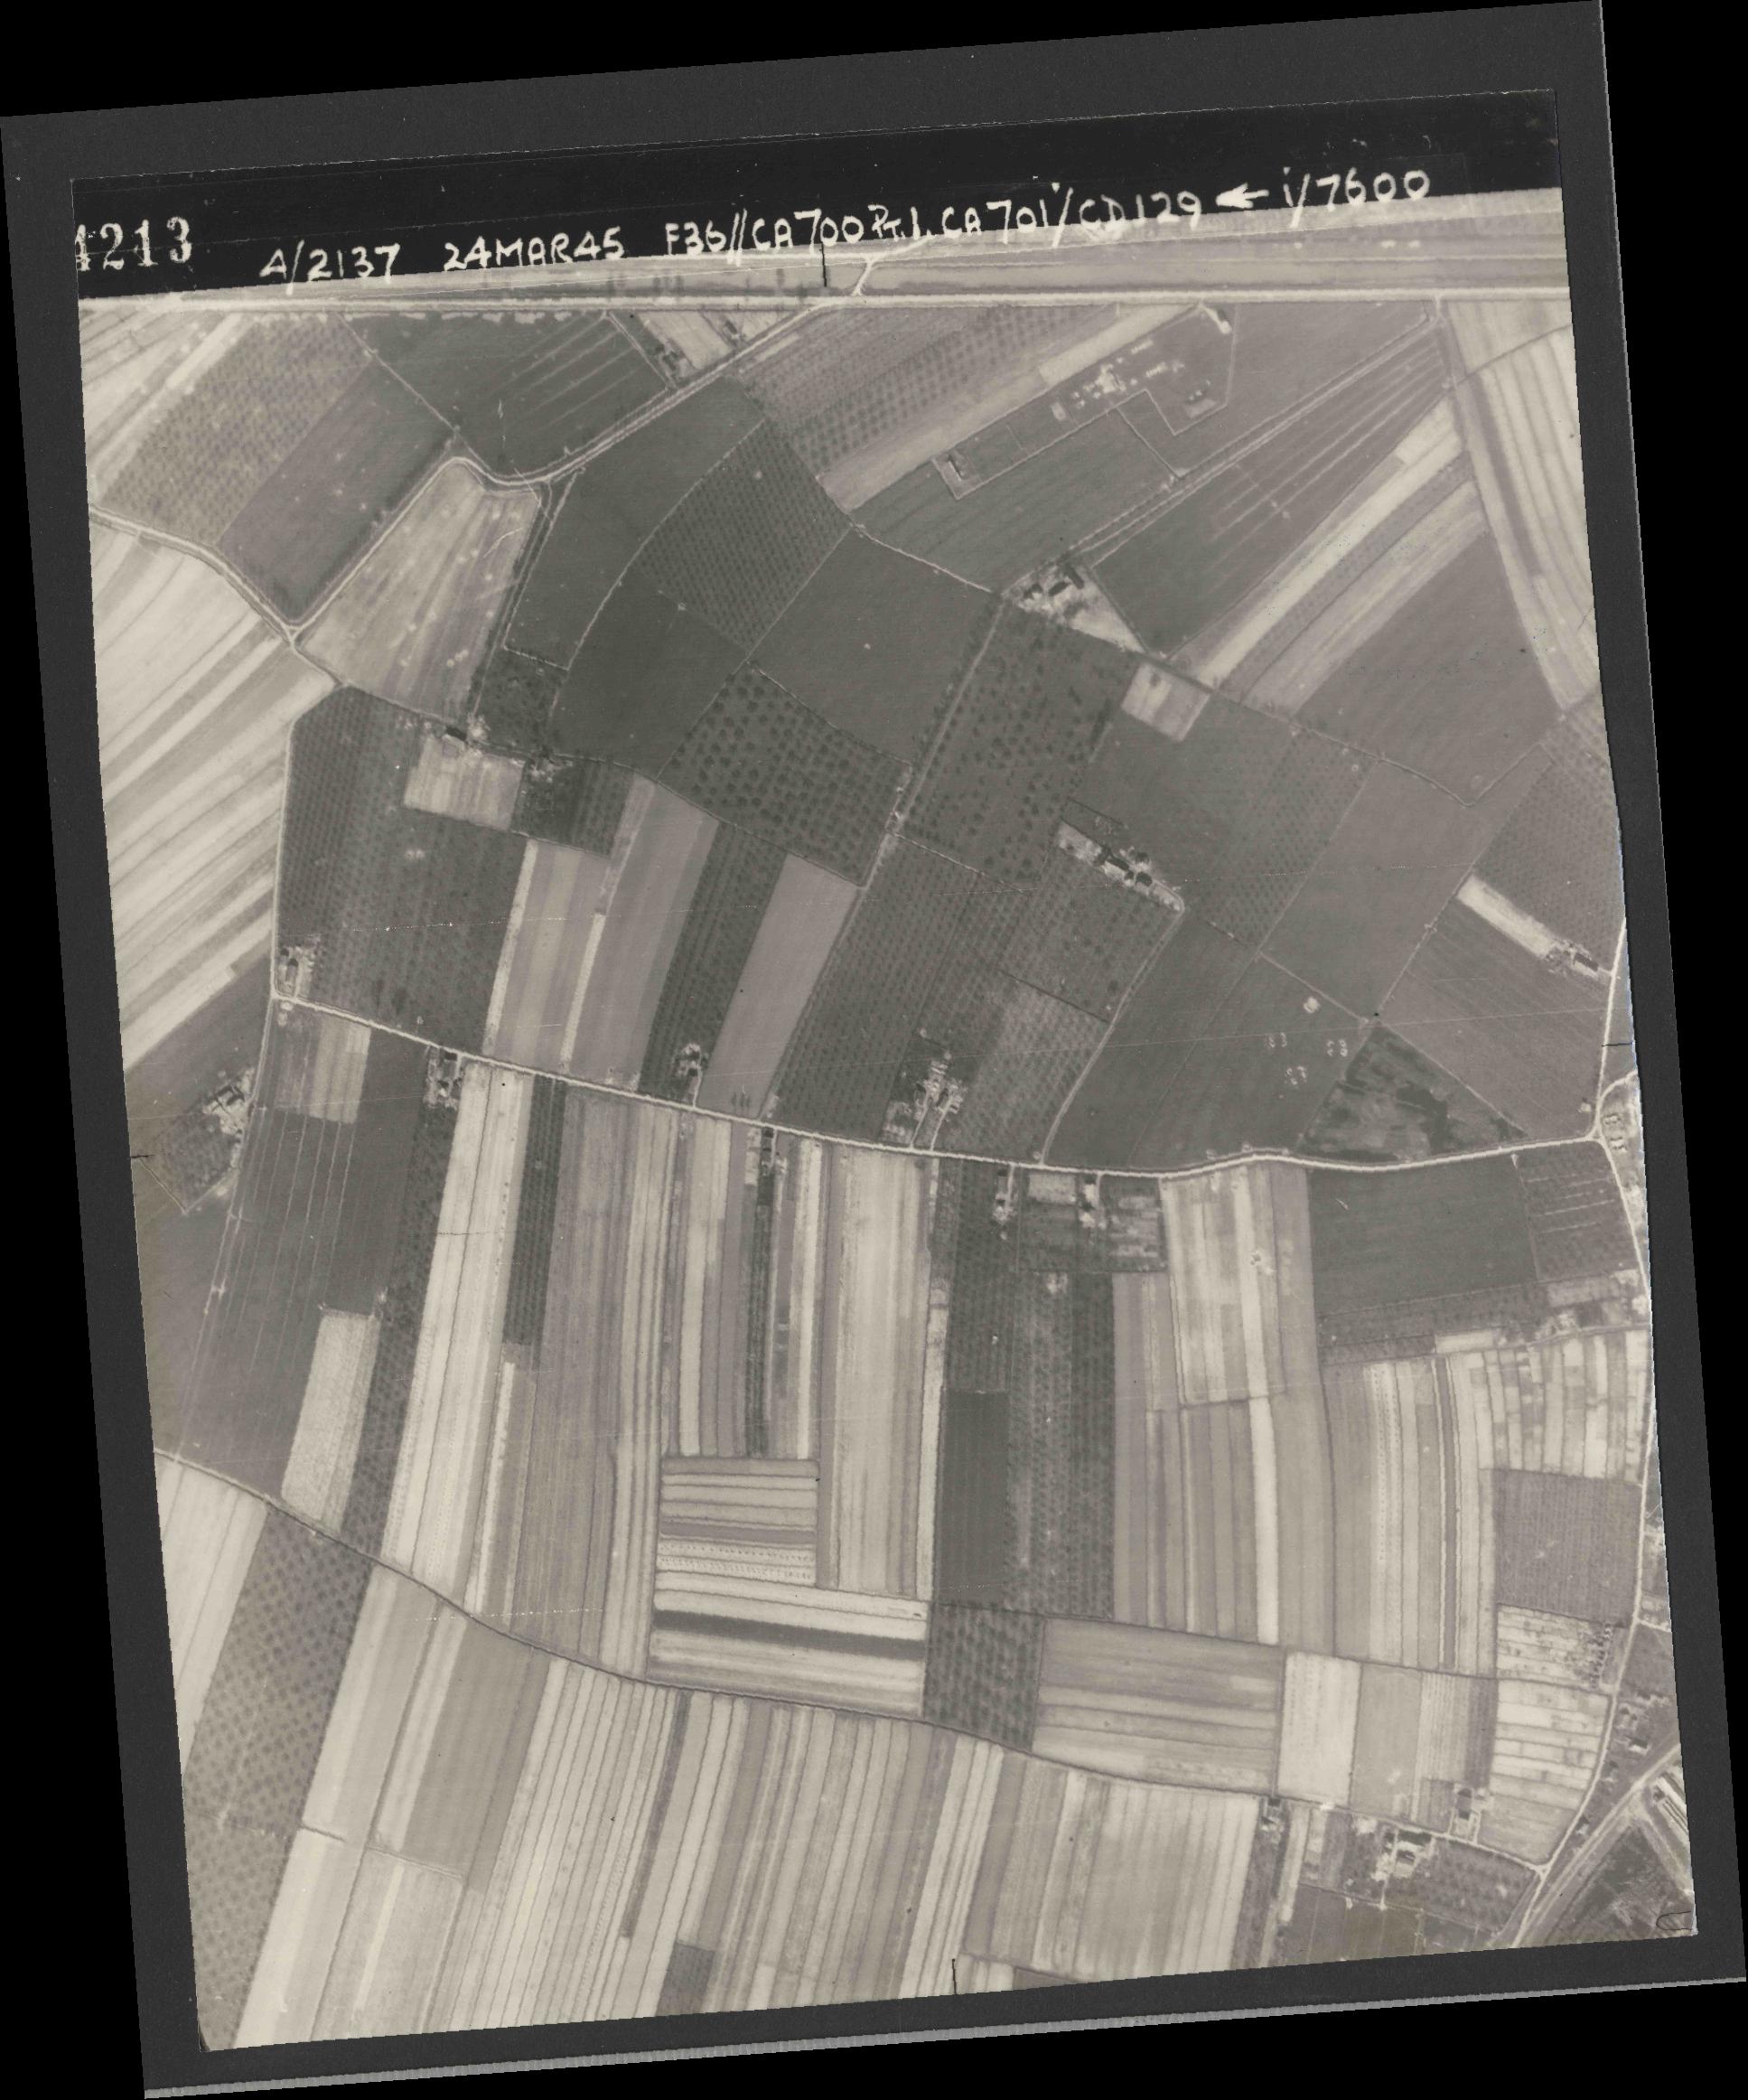 Collection RAF aerial photos 1940-1945 - flight 054, run 10, photo 4213